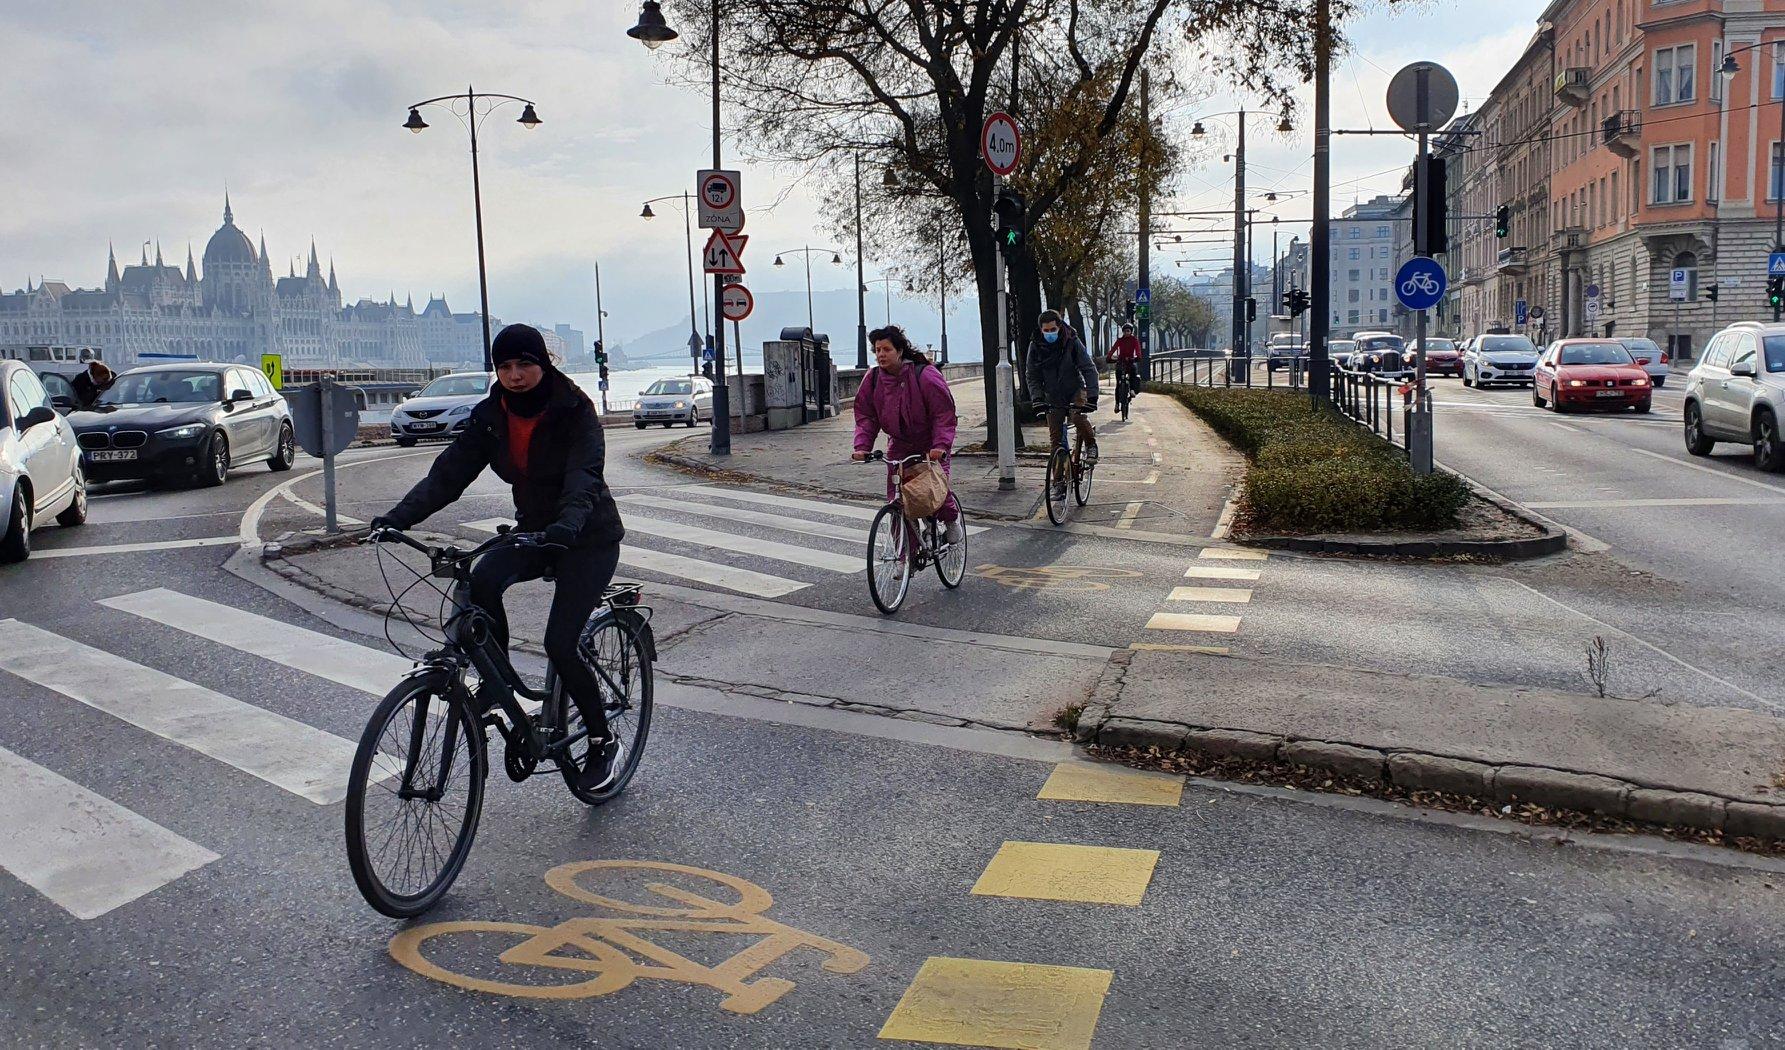 Inkább bringázz: Pattanj nyeregbe, posztolj és nyerj értékes nyereményeket